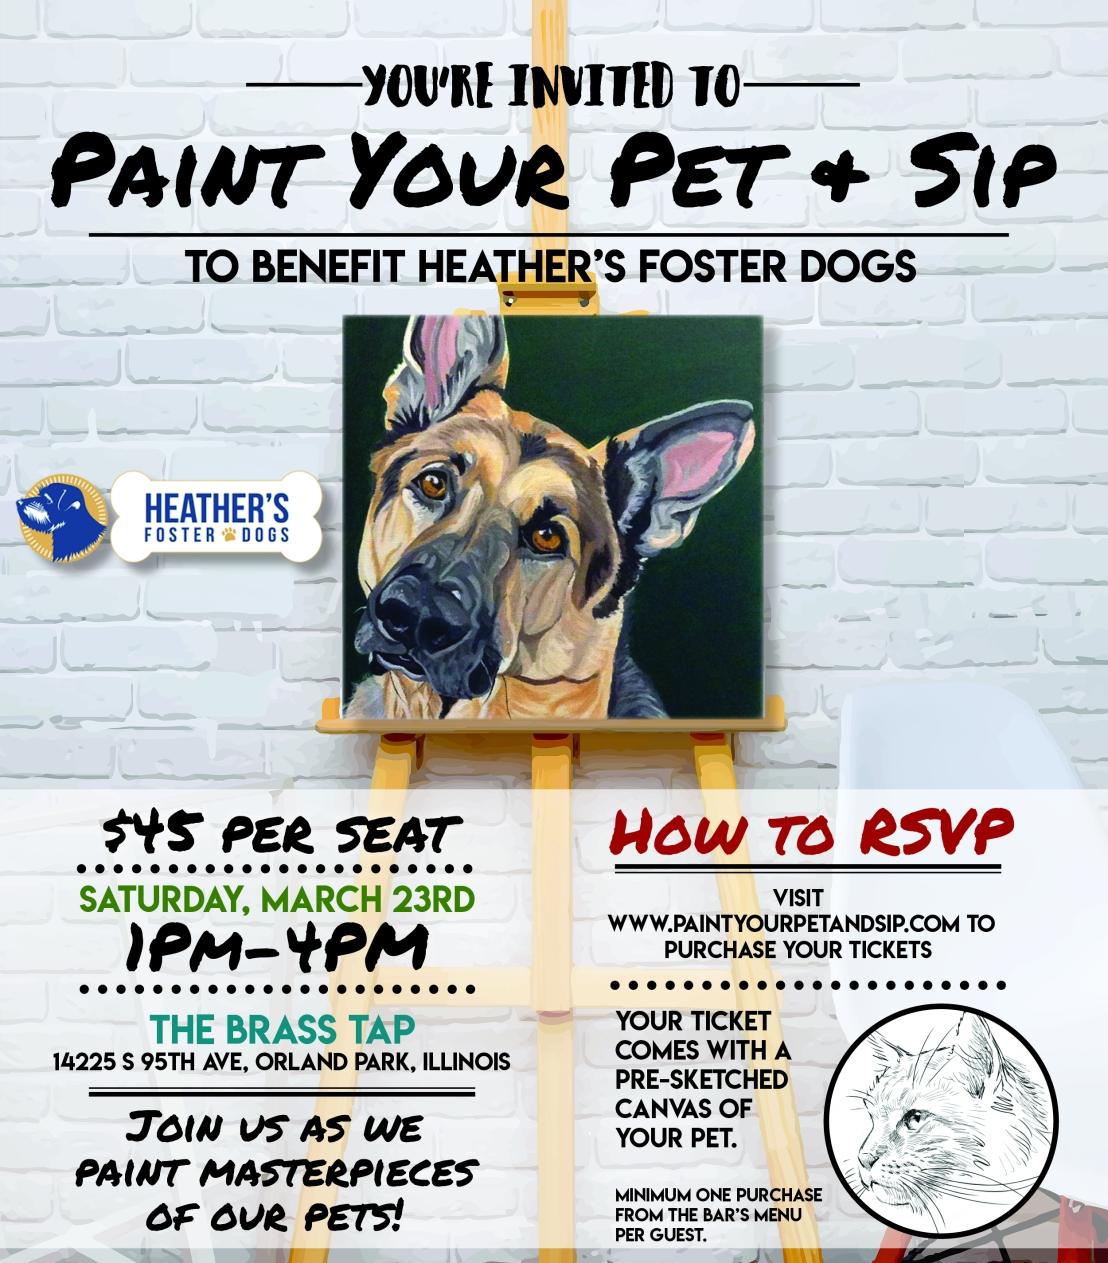 paintyourpet_heathersfosterdogs_brasstap